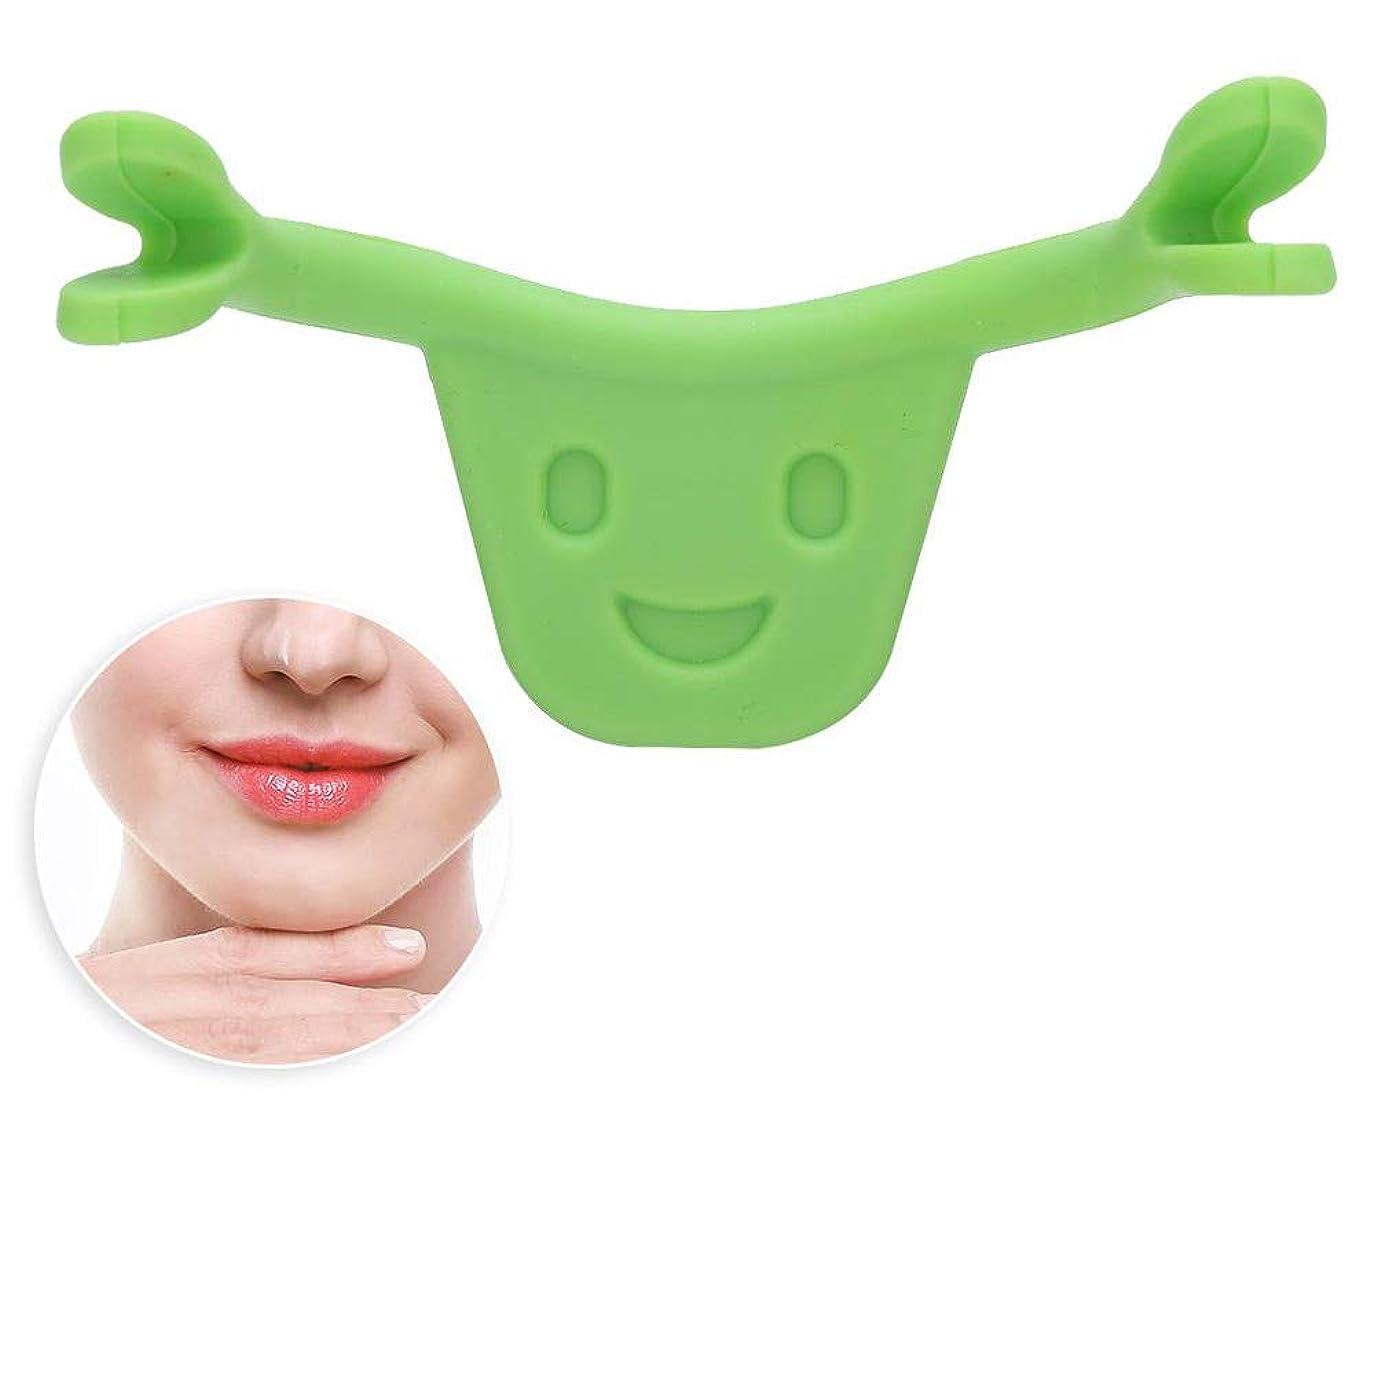 フットボール昇る写真のフェイストレーナー、笑顔メーカー2色パーソナルスマイル美容エクササイザトレーニングブレース笑顔メーカー美容ケア口の形(2#)